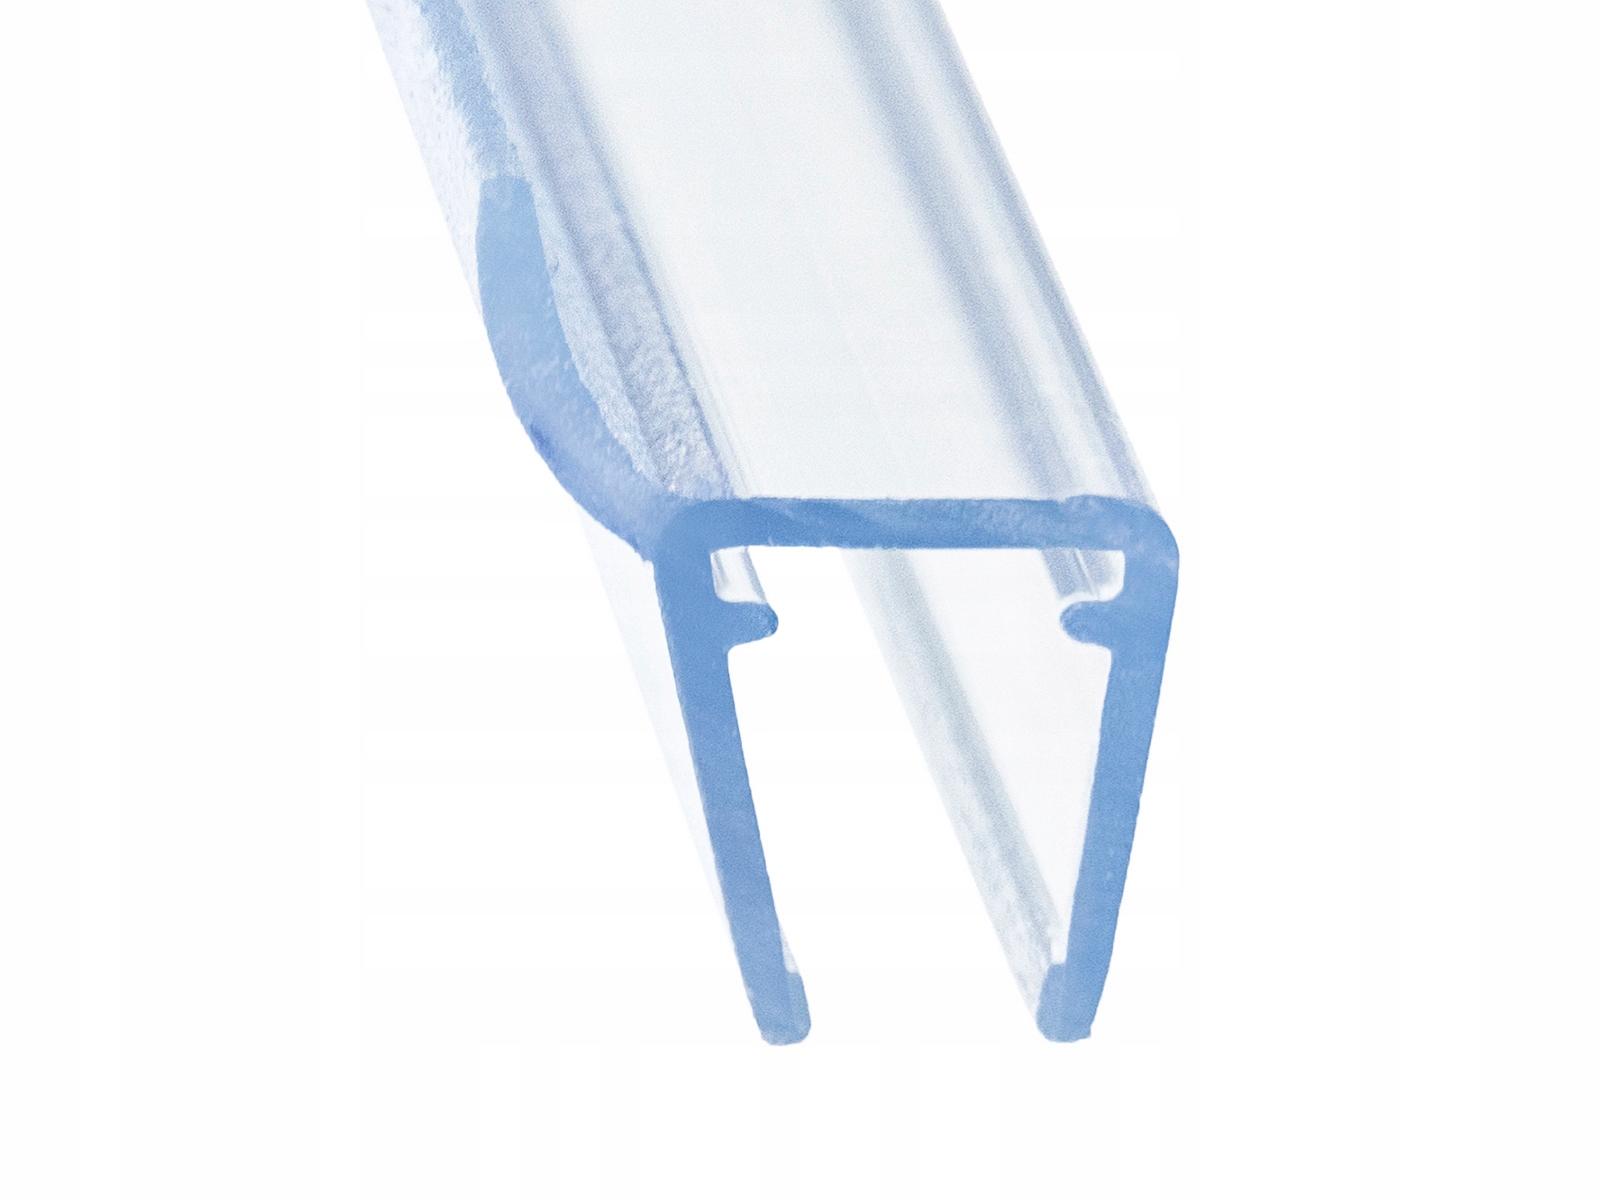 Tesnenie sprchového kúta 6-8mm UK26, 110cm